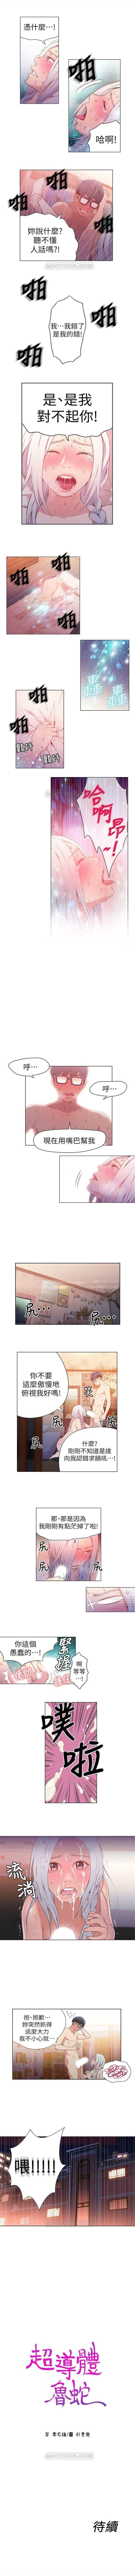 (周7)超导体鲁蛇(超级吸引力) 1-17 中文翻译(更新中) 57